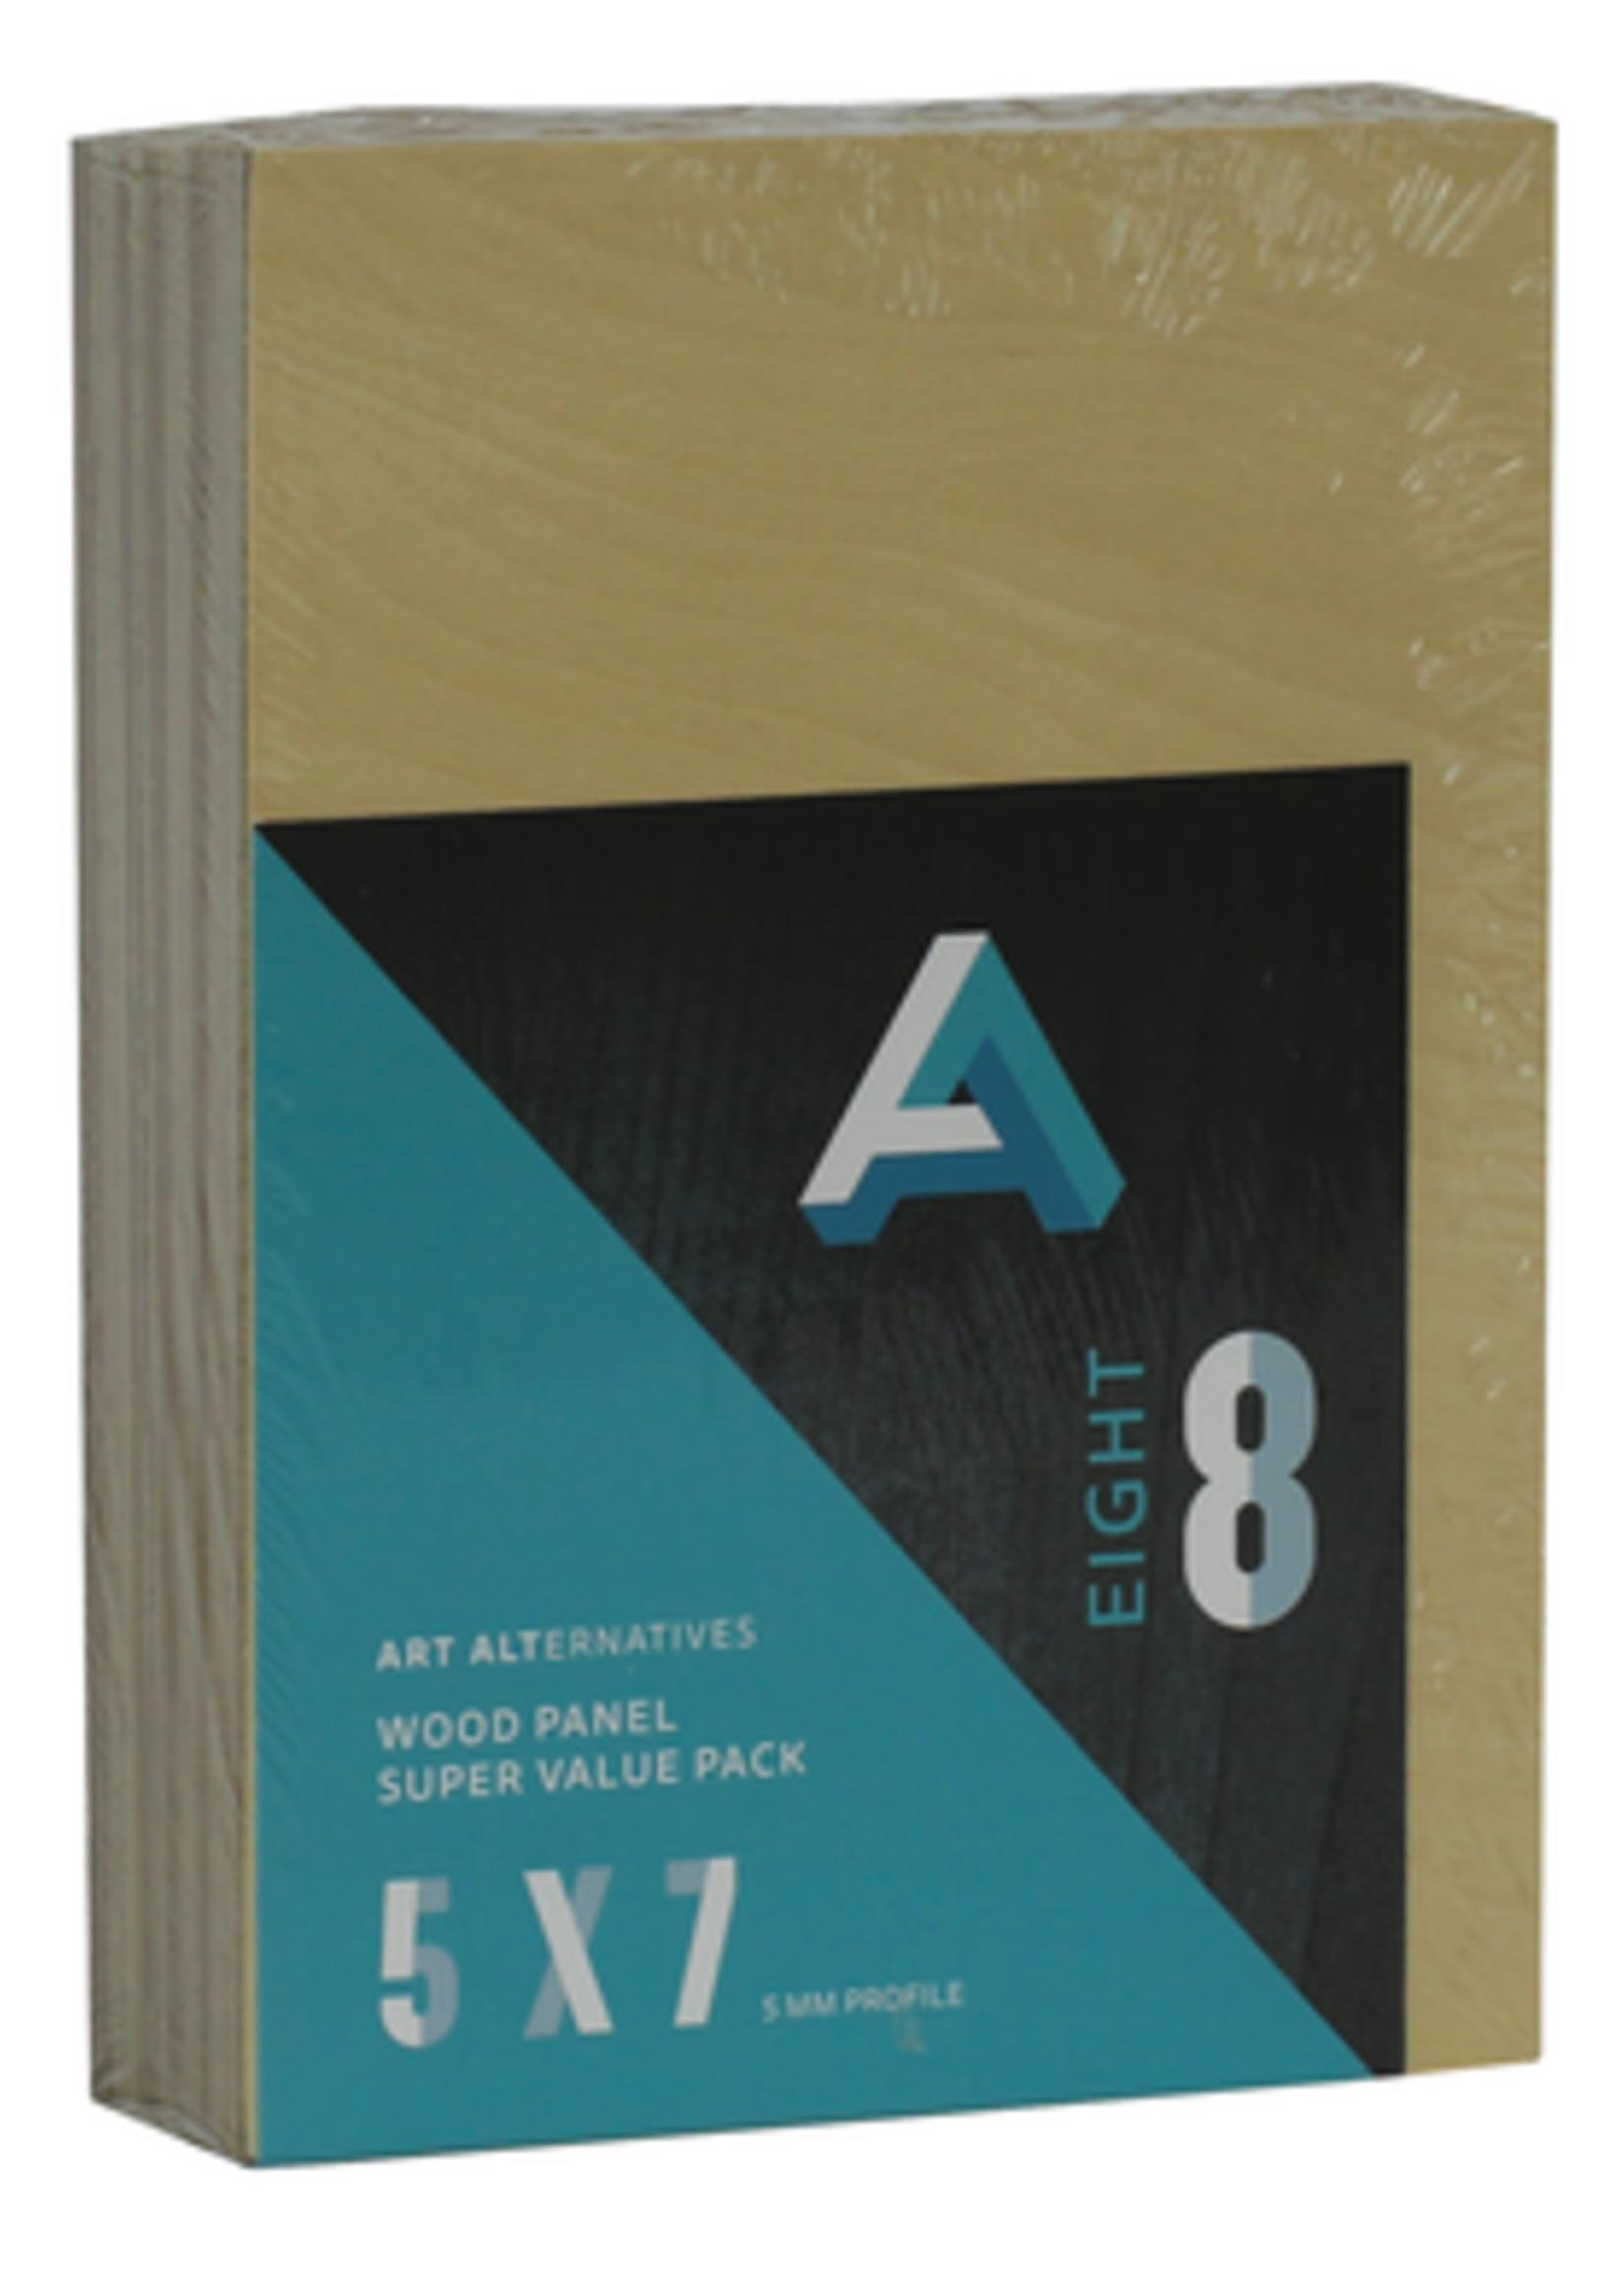 ART ALTERNATIVES WOOD PANEL 5MM VALUE